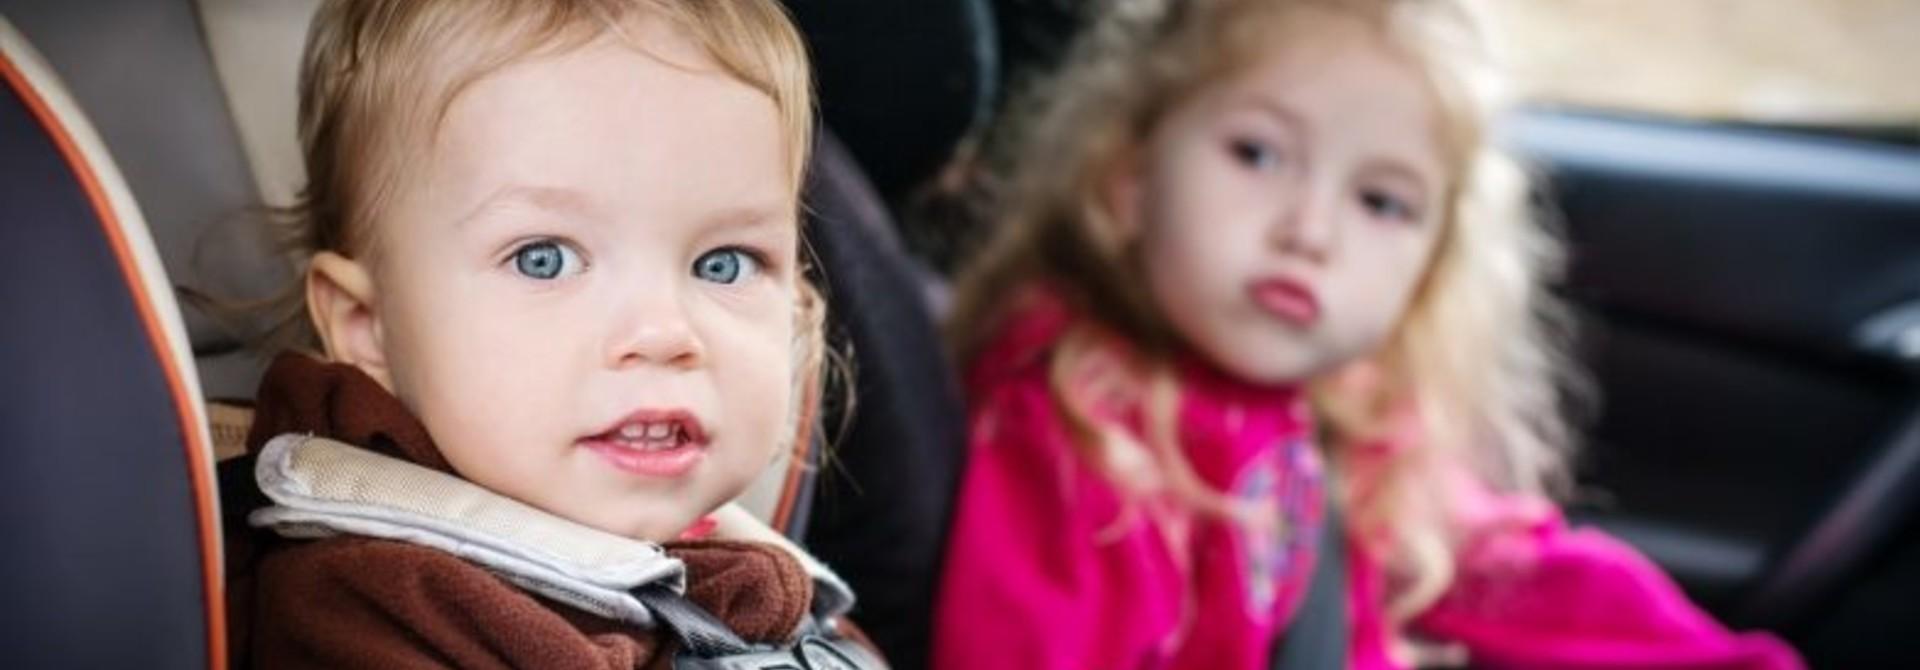 Moet je kind met het gezicht naar voren zitten in de auto? | BubbleBumNL